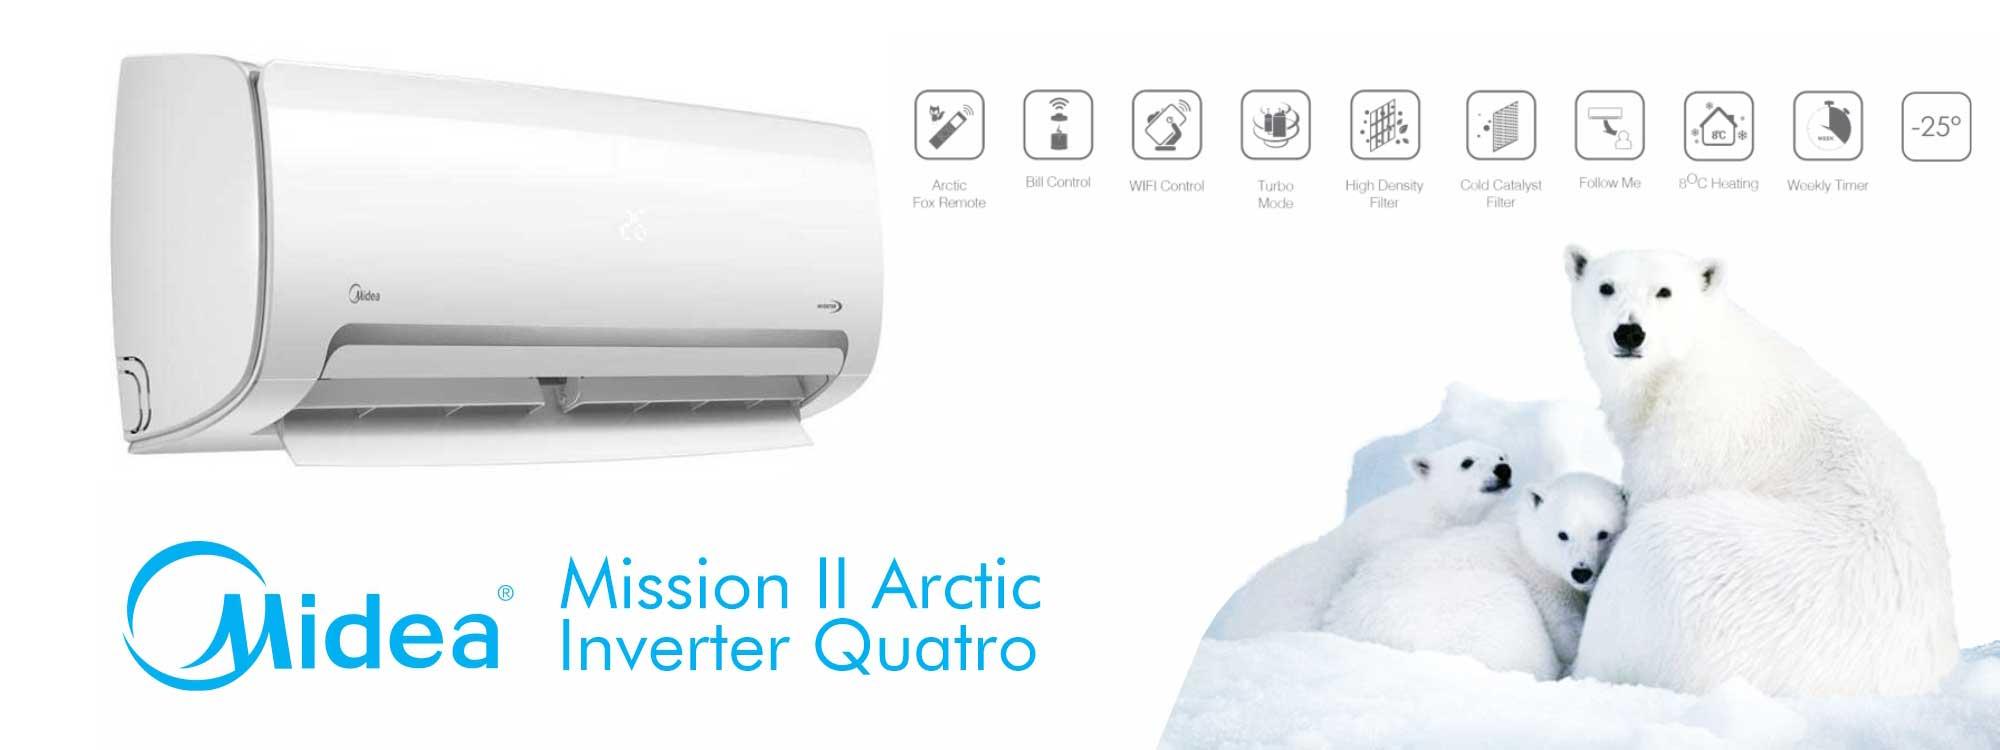 poza modul Midea Mission II Arctic